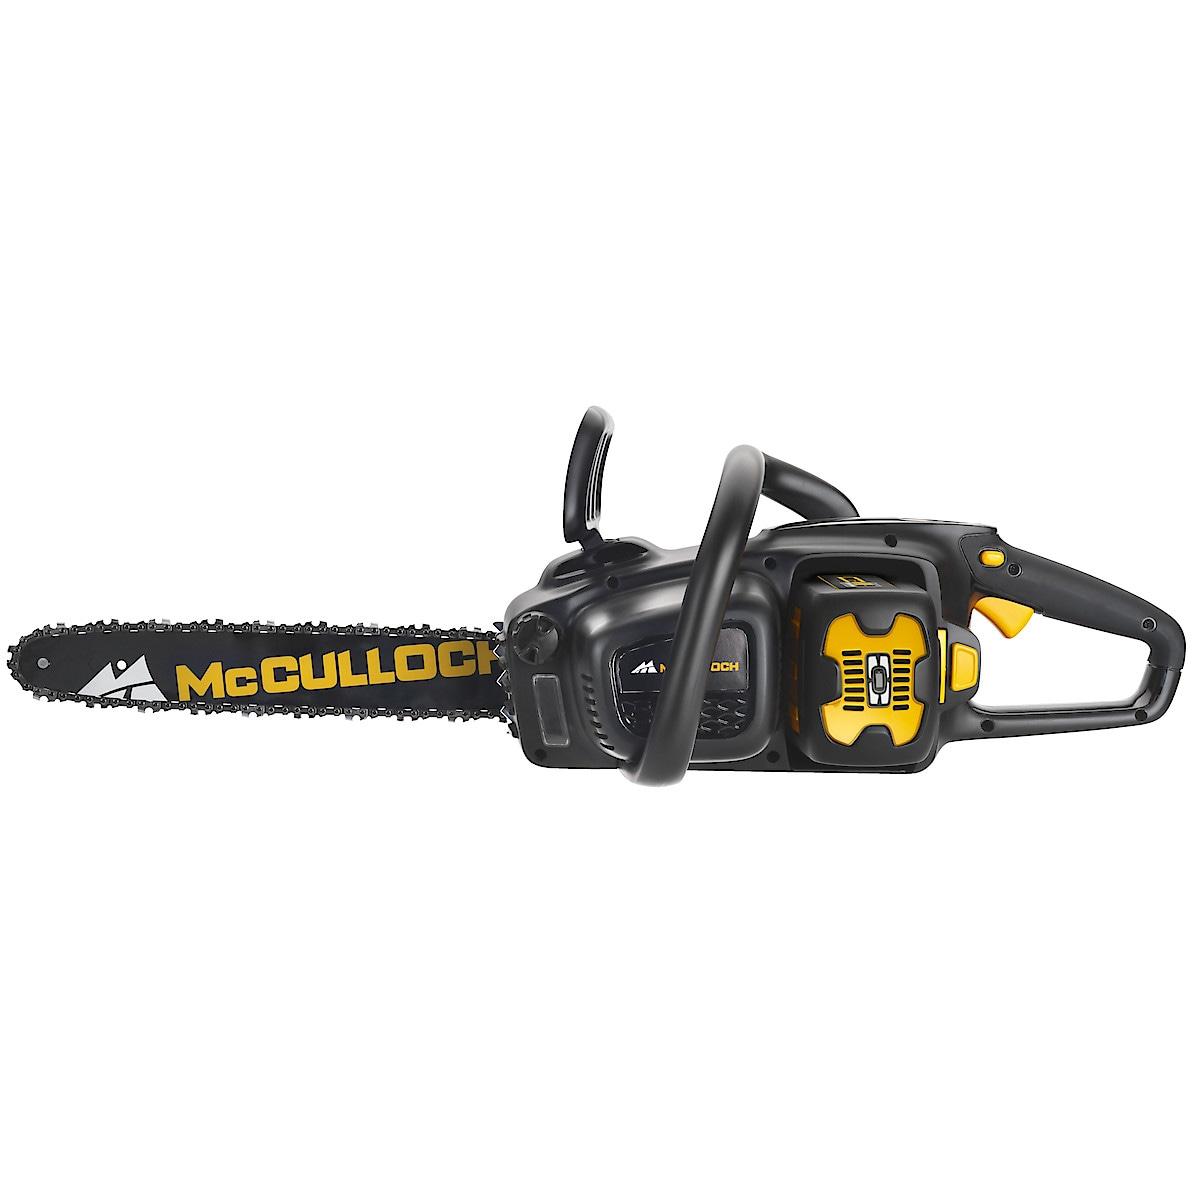 McCulloch LI 58CS motorsag